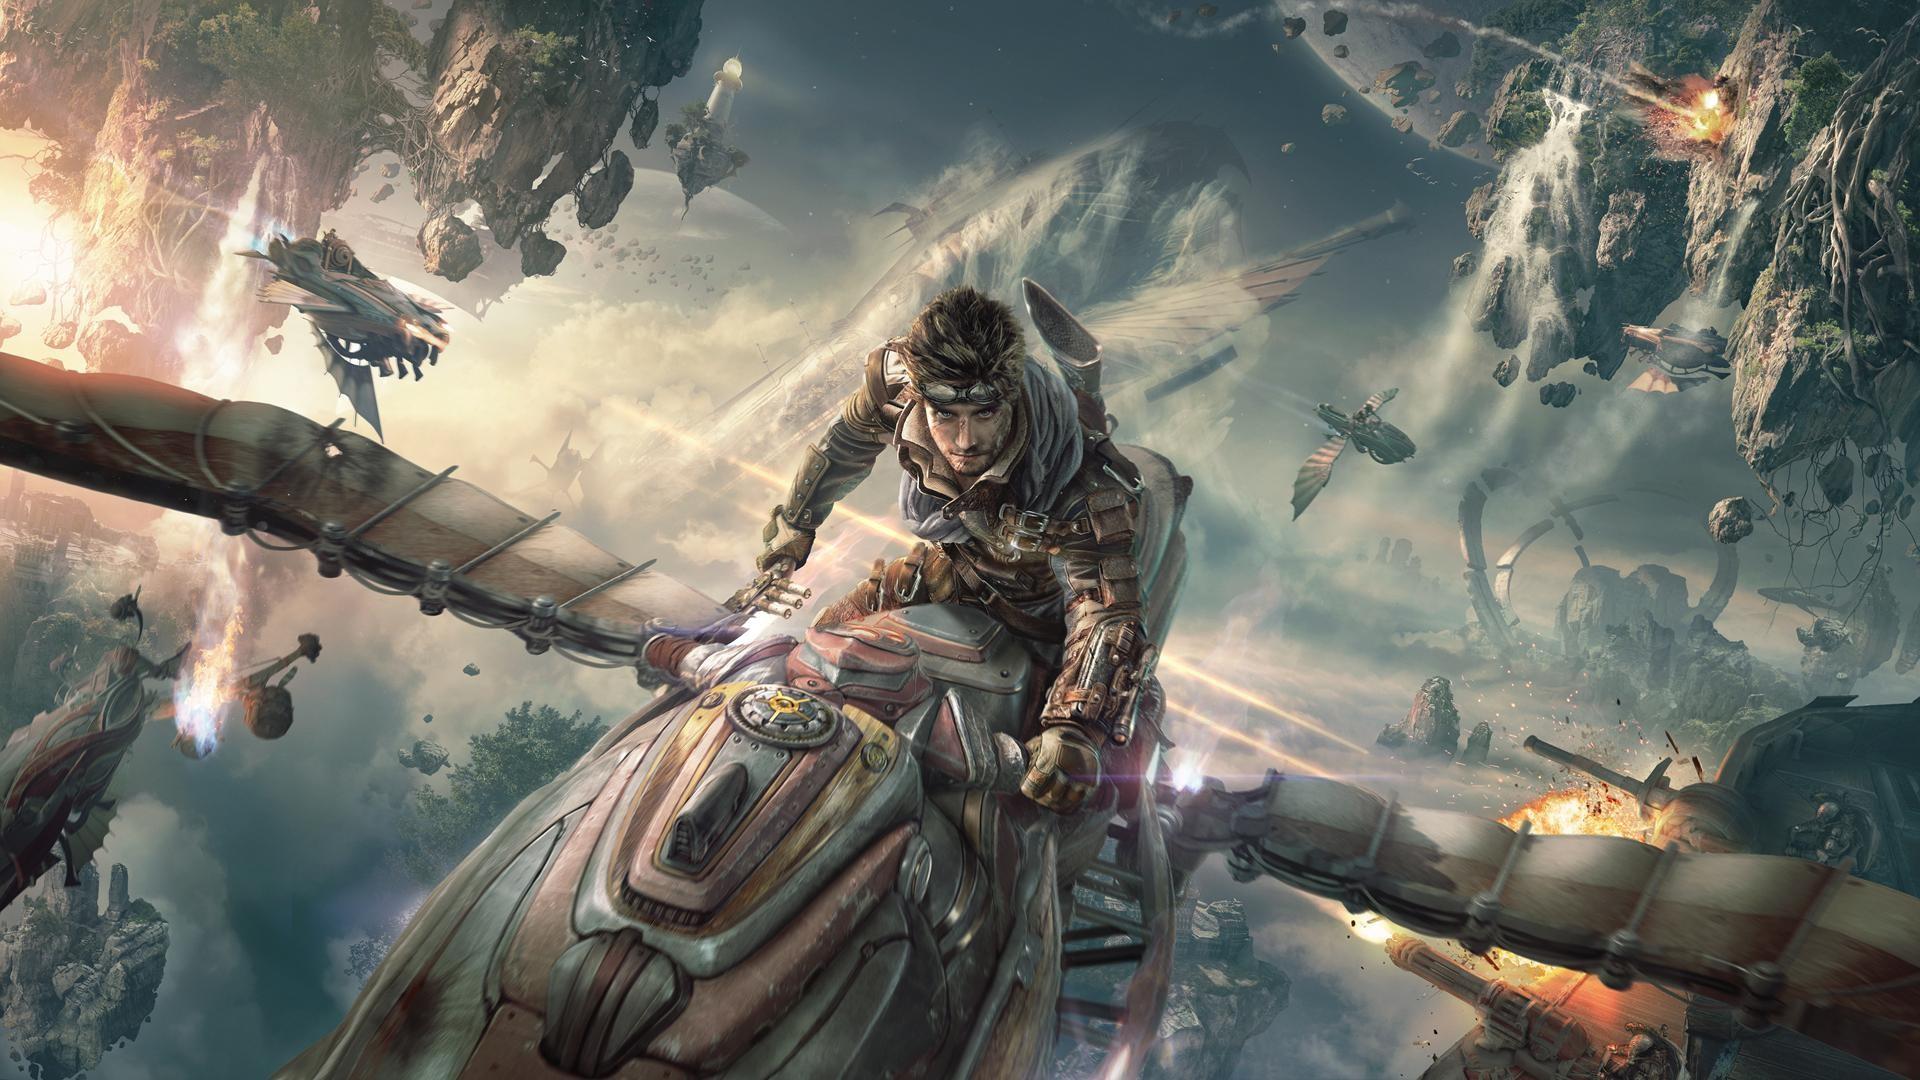 Autoři PUBG chystají novou hru, MMORPG Ascent: Infinite Realm 152514